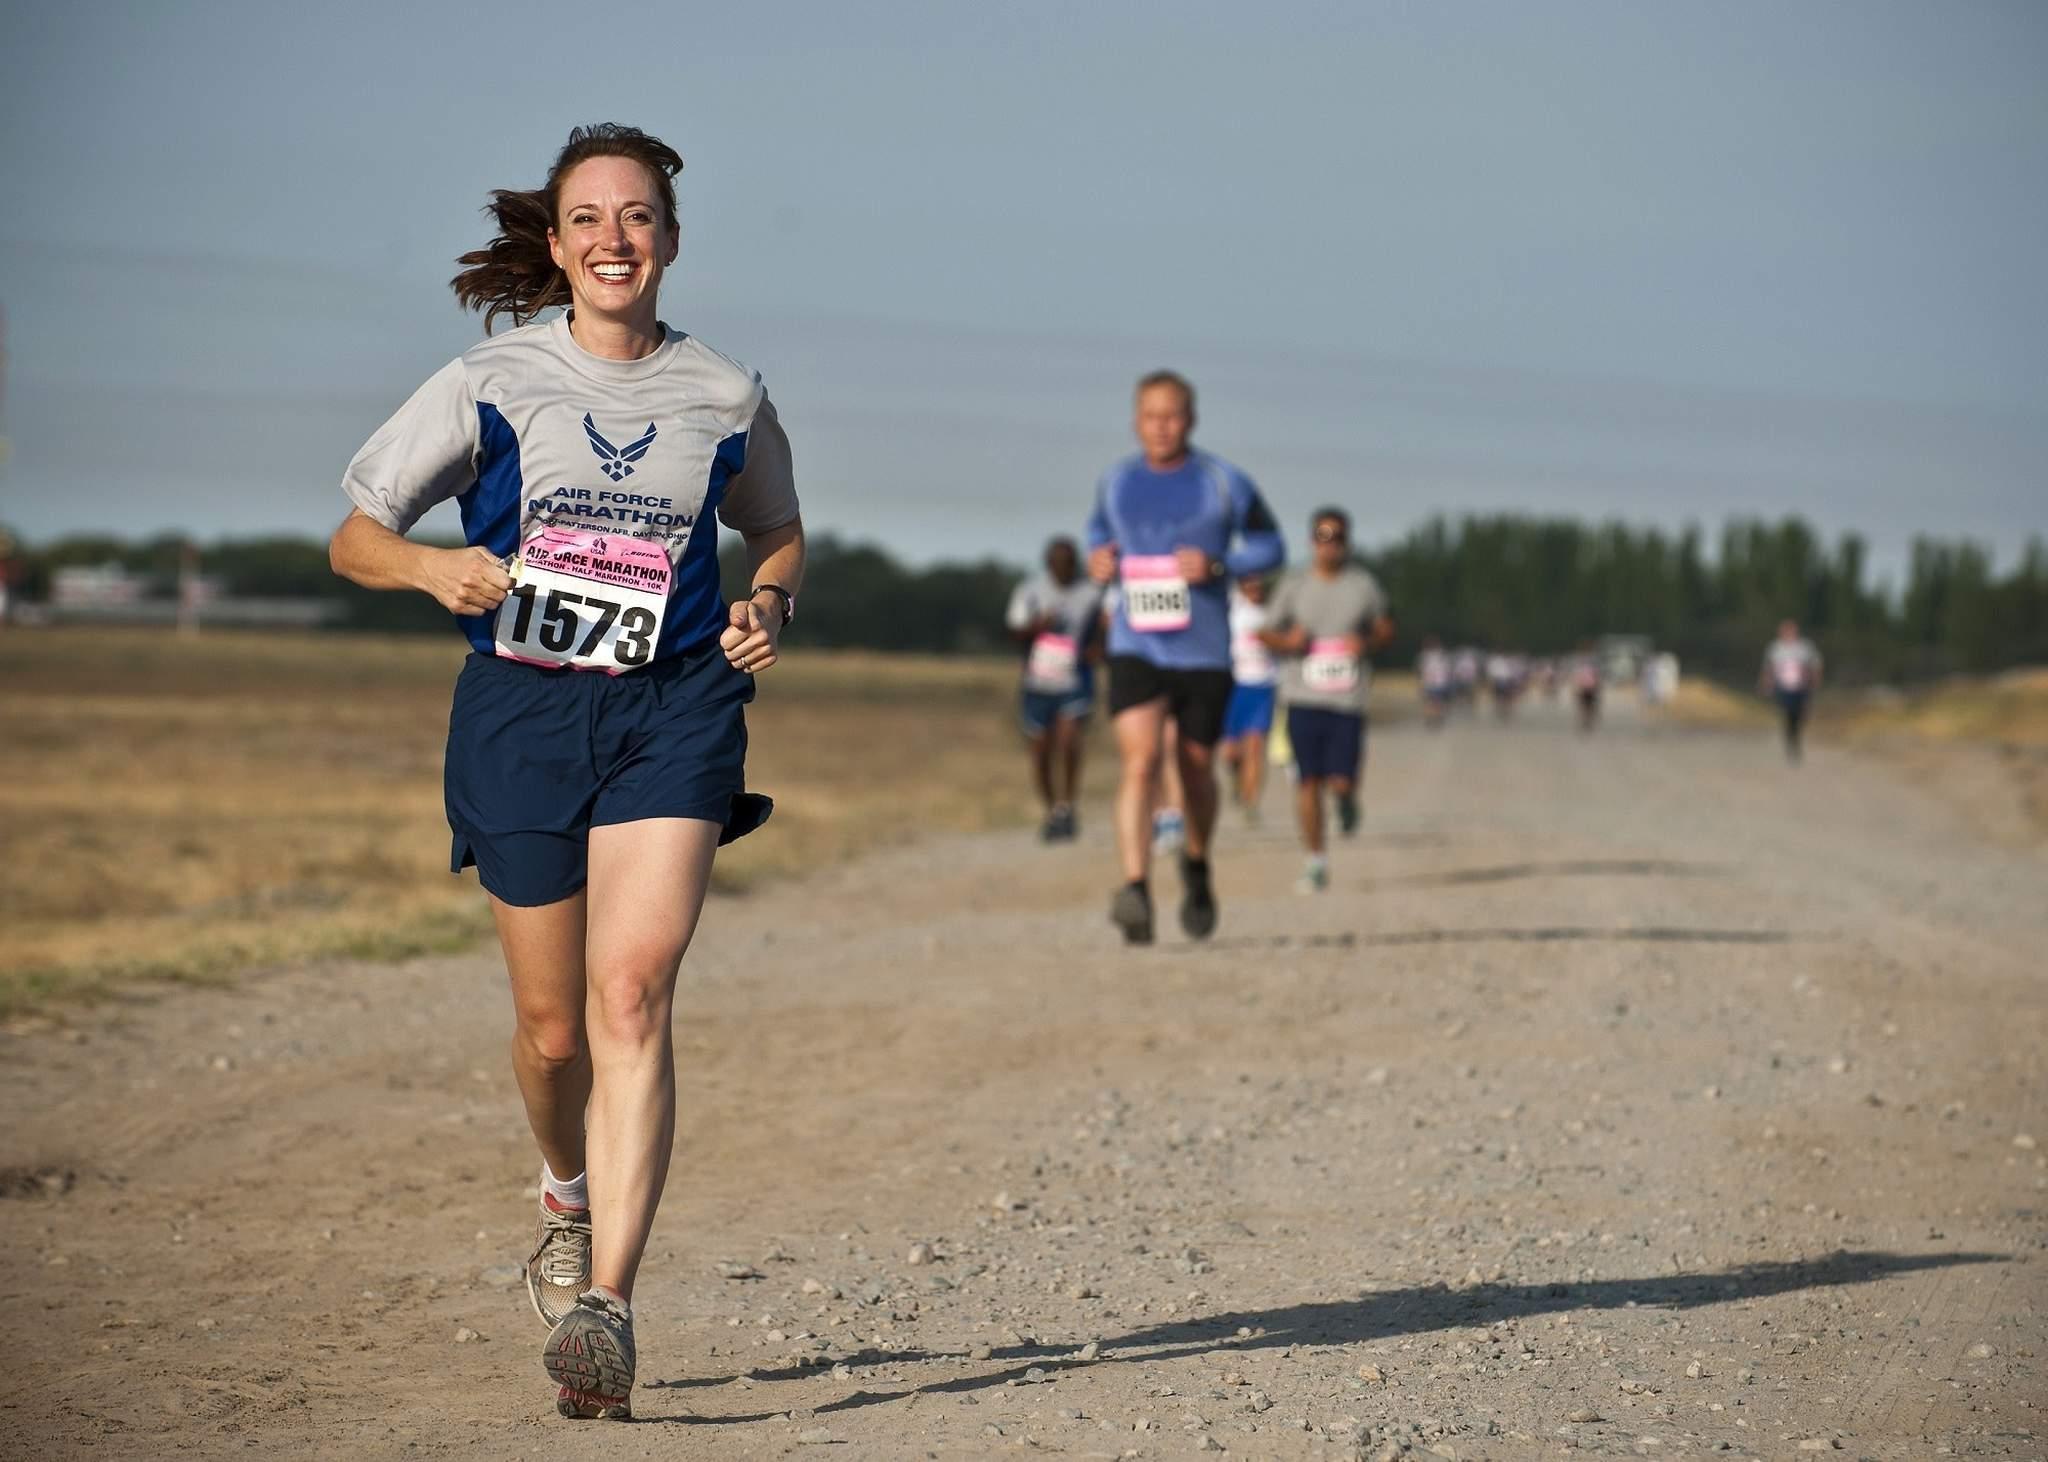 koşu yarışında koşan kadın, sağlıklı yaşam için yapılması gerekenler